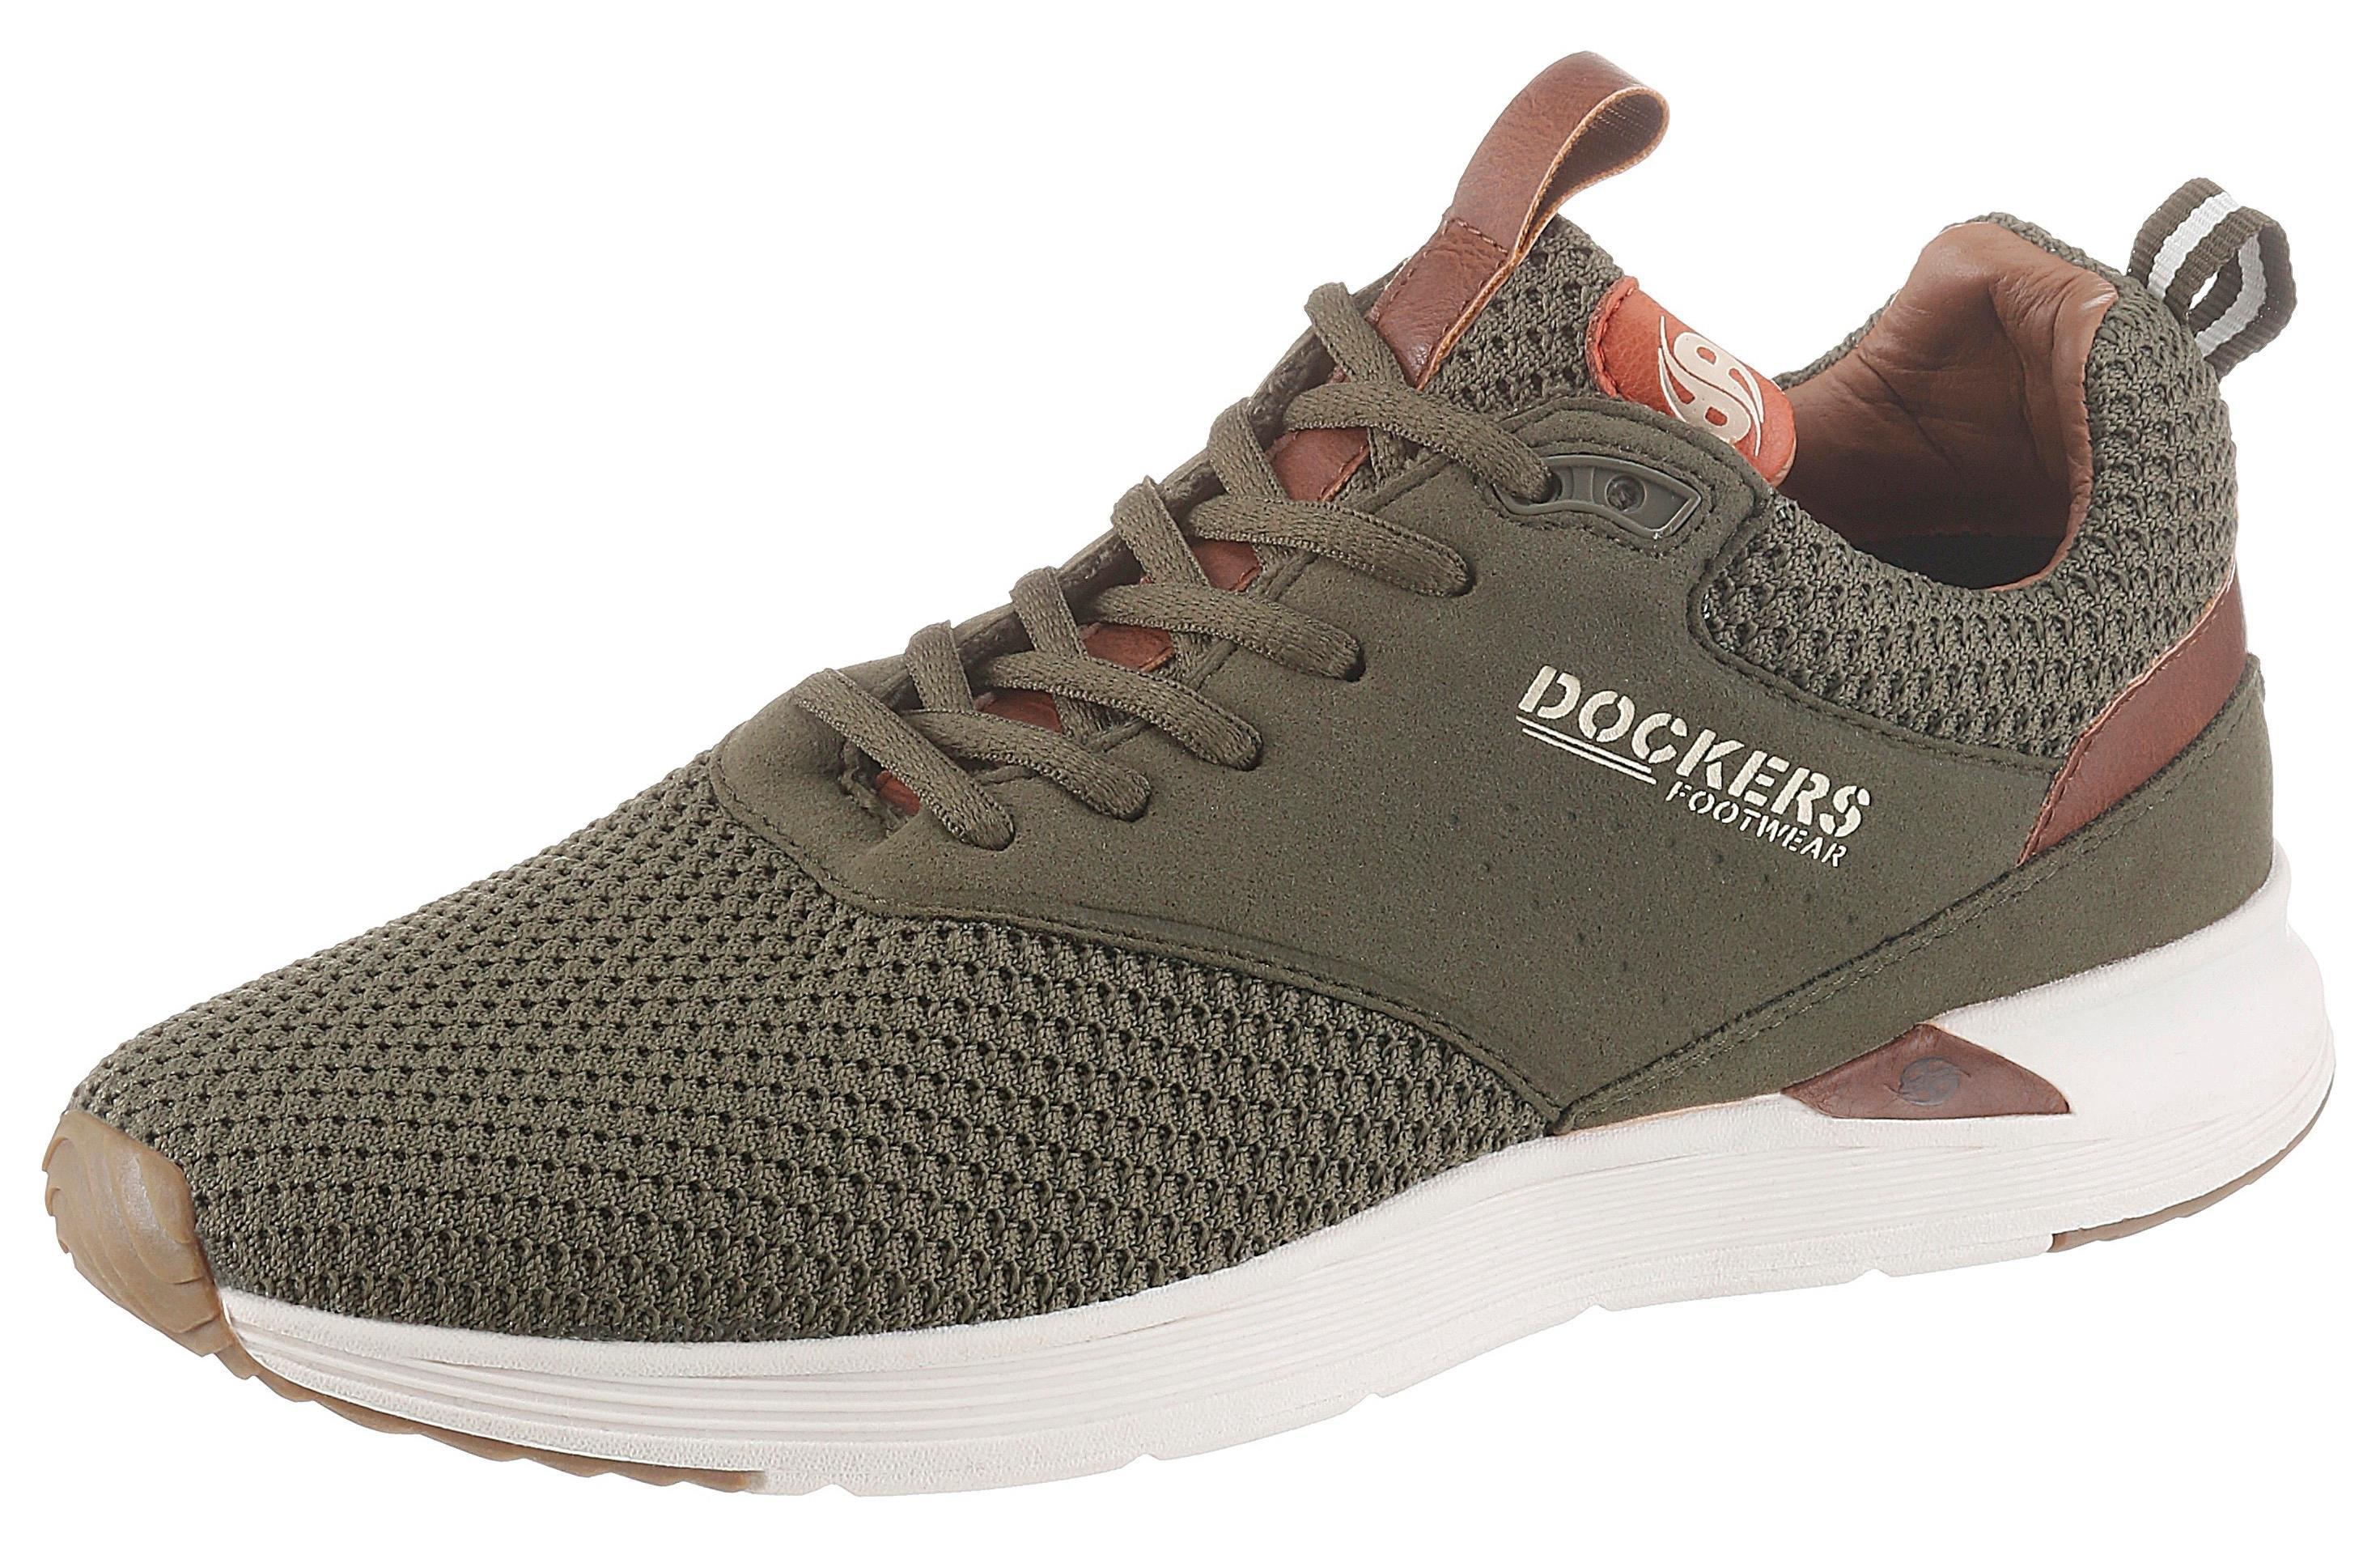 Dockers By Gerli sneakers - verschillende betaalmethodes